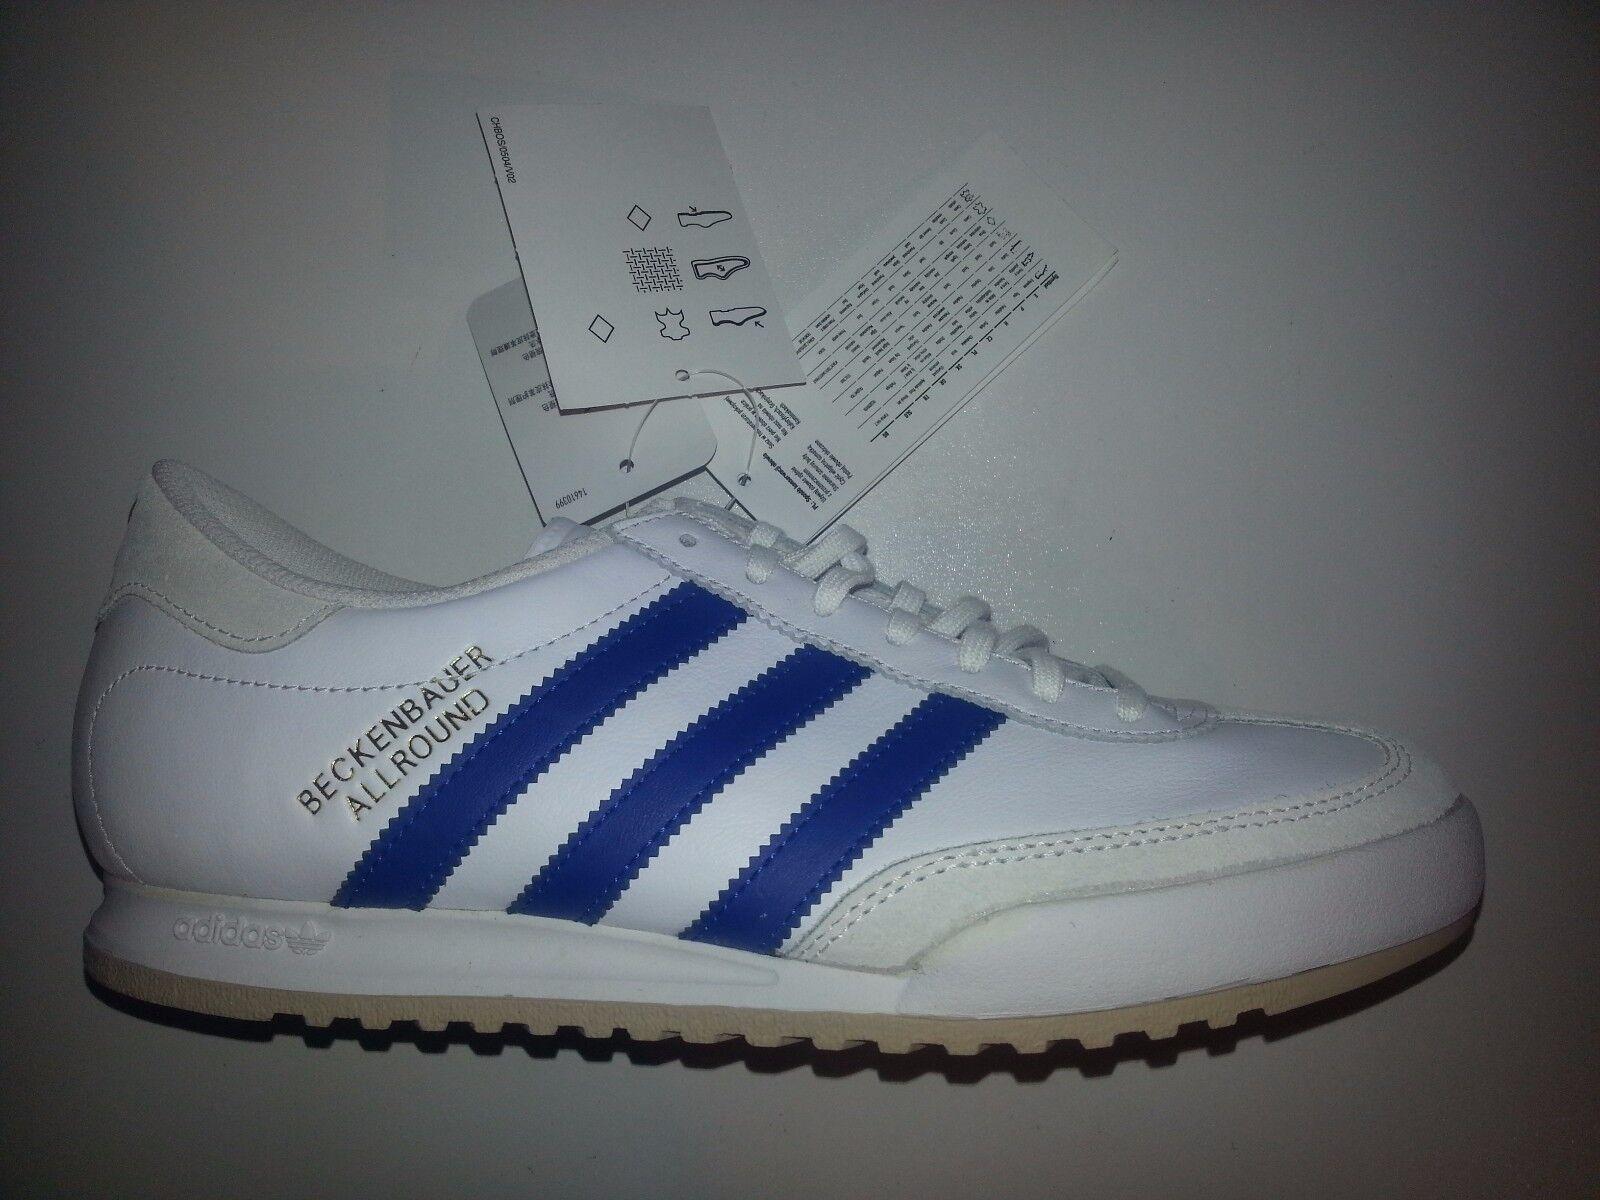 Adidas Beckenbauer Leder Sportschuhe unisex Farbe weiß-royalblau Größe 40 NEU